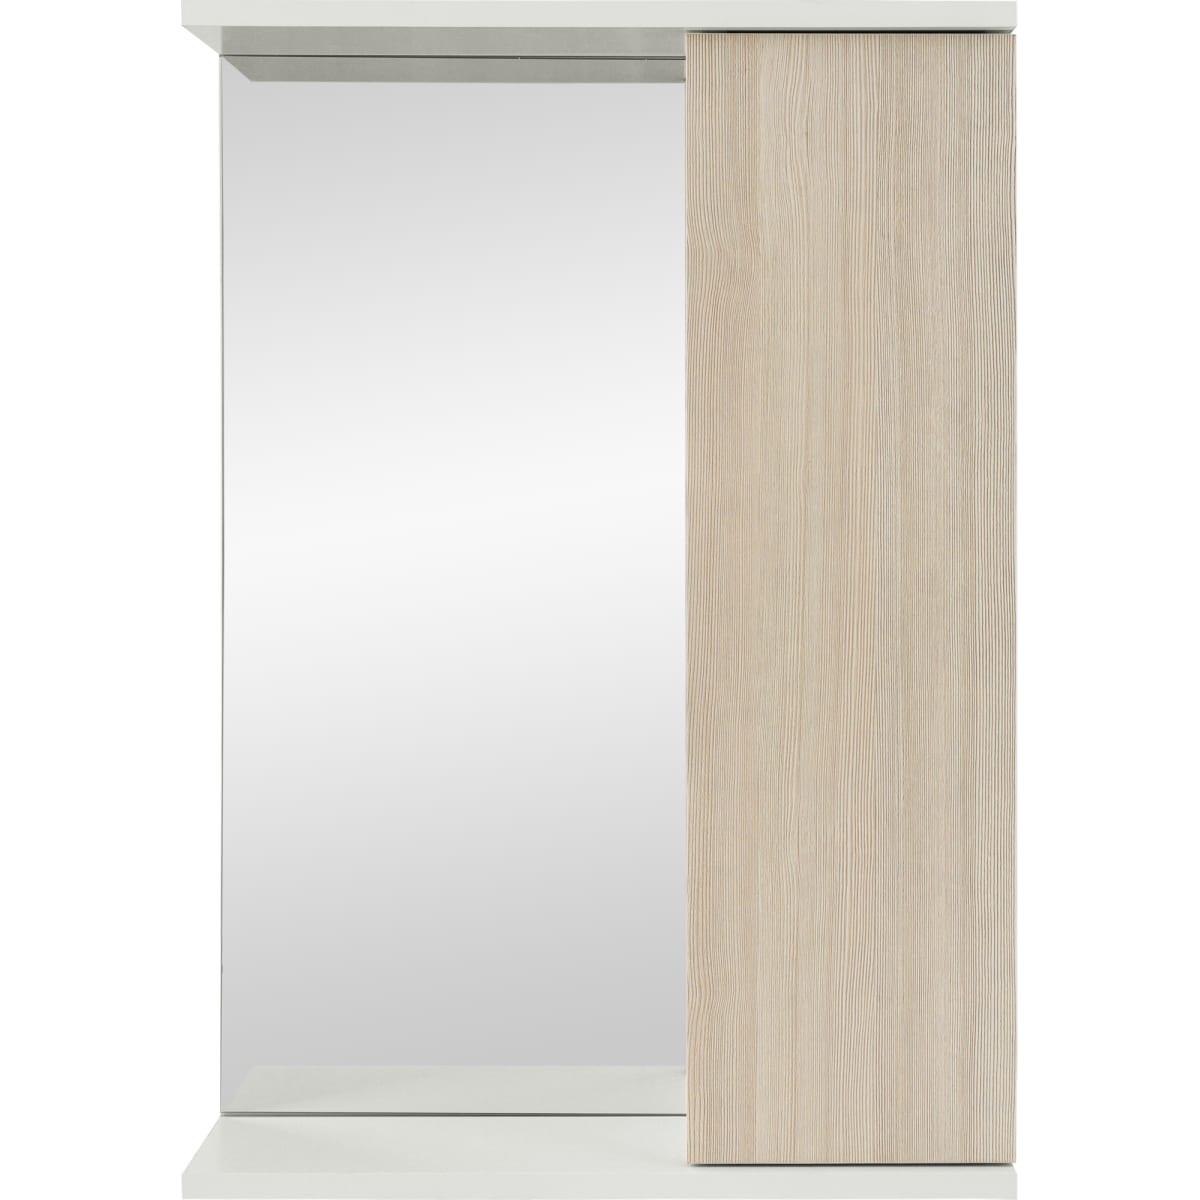 Шкаф зеркальный подвесной «Эстер» 50x72 см цвет бежевый